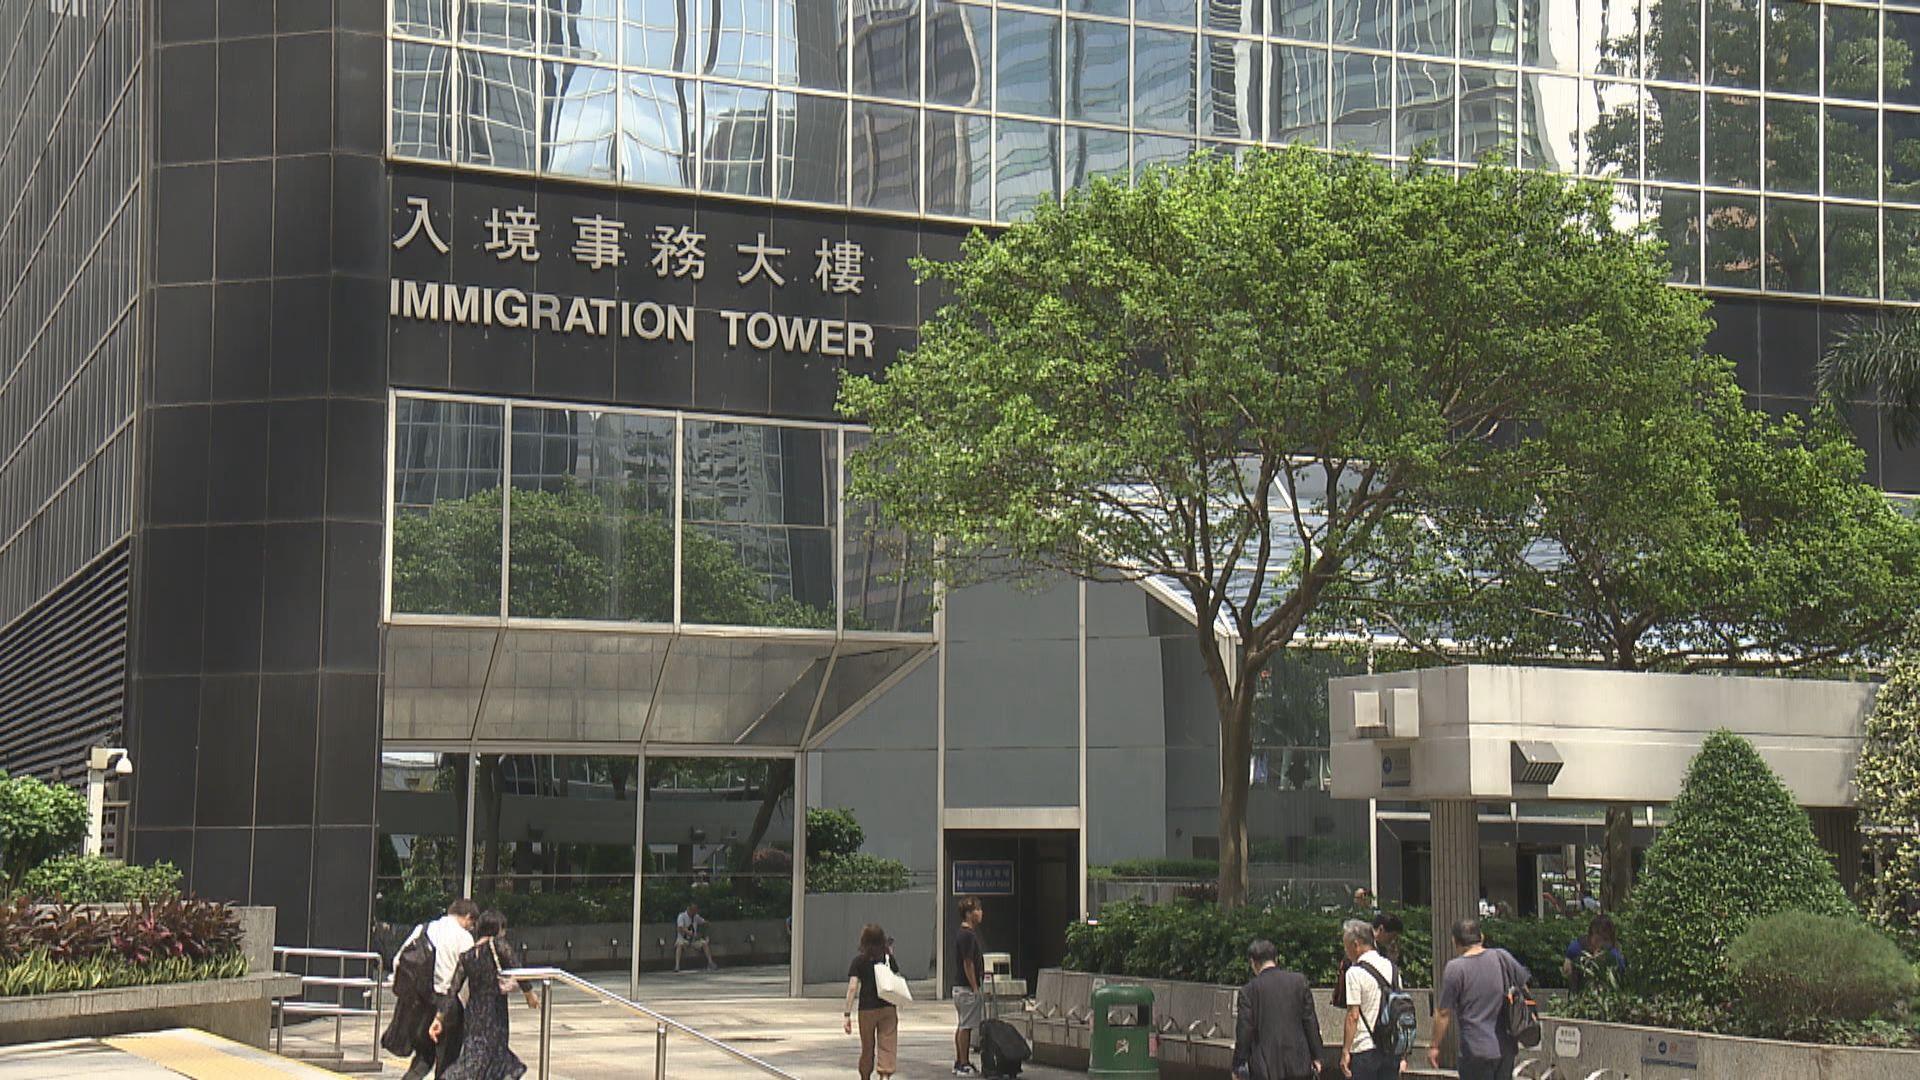 入境處:無預留配額單程證專才領取身份證